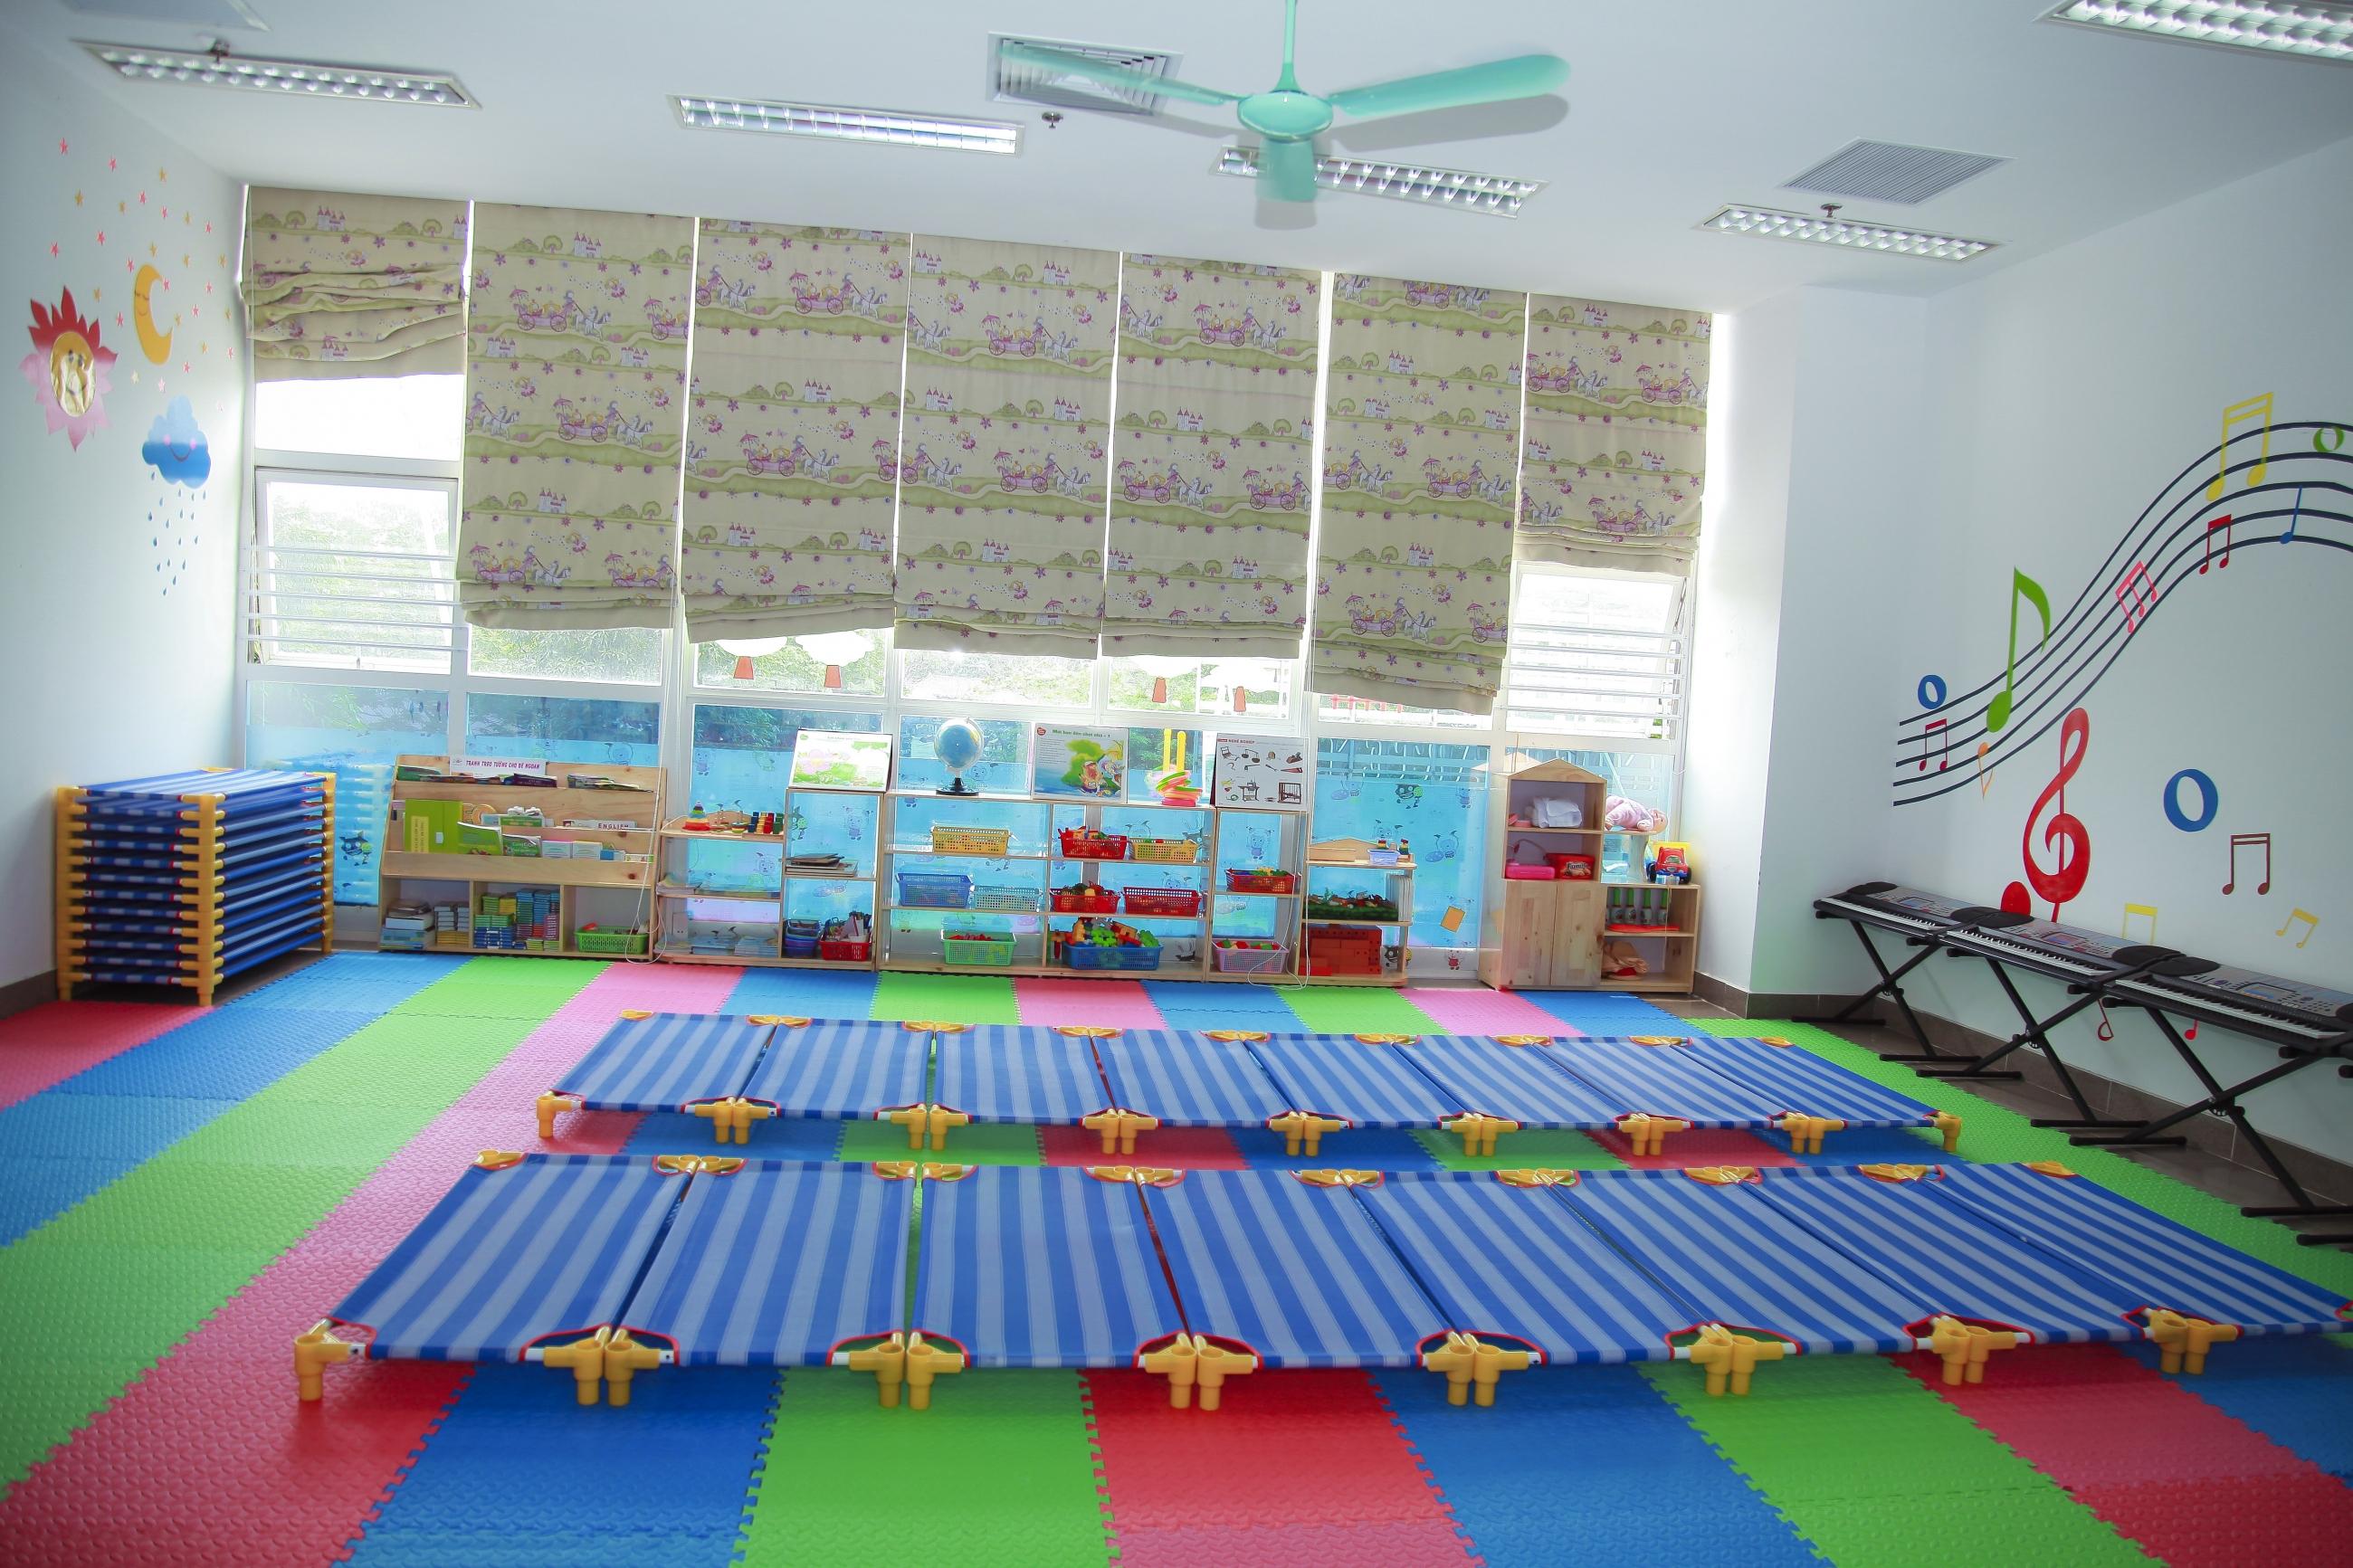 Cơ sở vật chất trường mầm non Funny Kids, quận Cầu Giấy, Hà Nội (Ảnh: website trường)